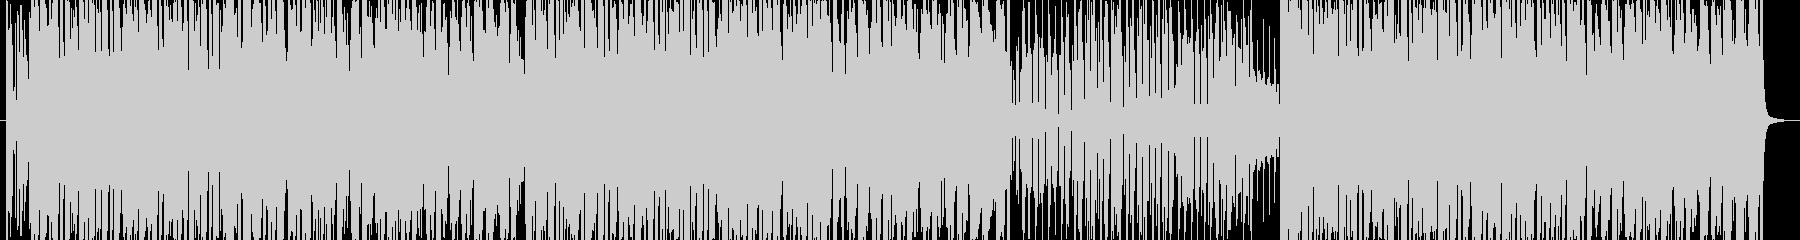 パチンコにありそうな明るいBGMの未再生の波形